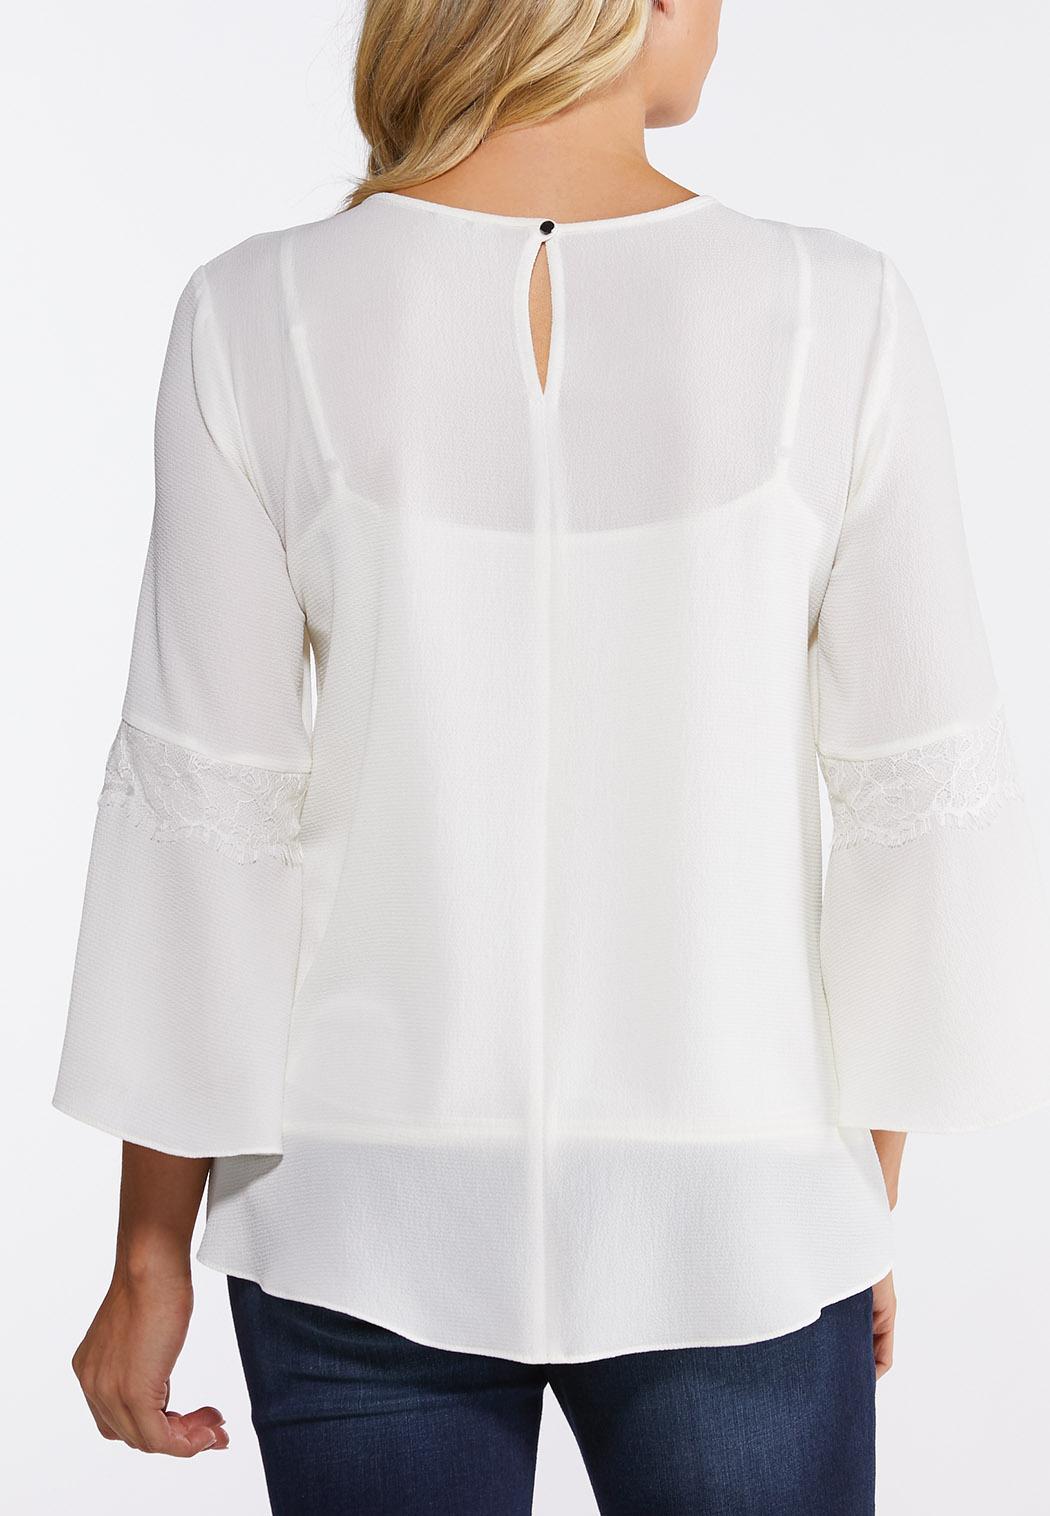 Plus Size Ivory Lace Trim Top (Item #44126489)